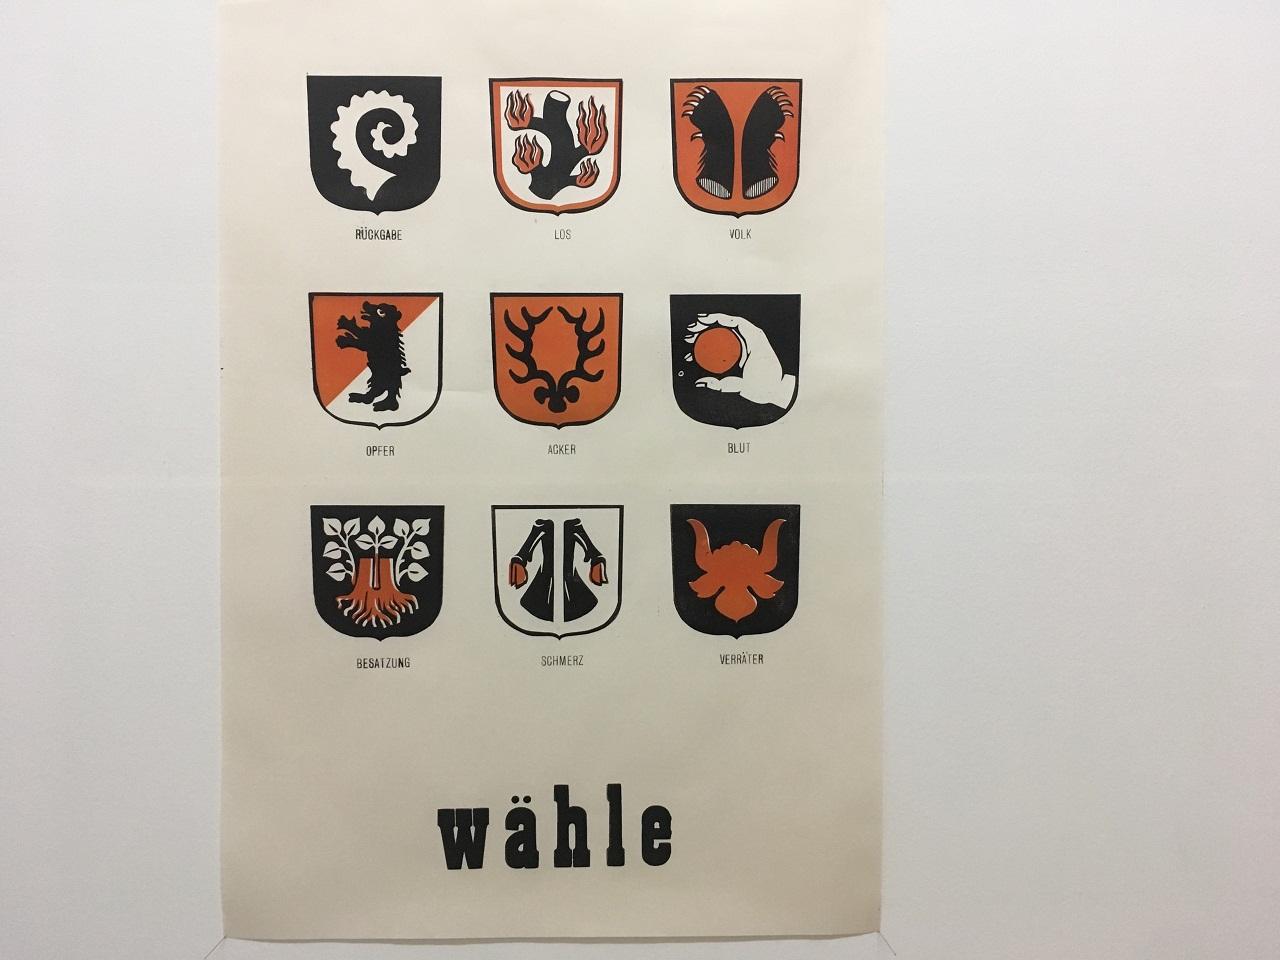 Ein Plakat des Künstlers Riccardo Giaconni ruft dazu auf, zu wählen und zeigt fiktive Wappen, die für Begriffe wie Schuld und Volk stehen